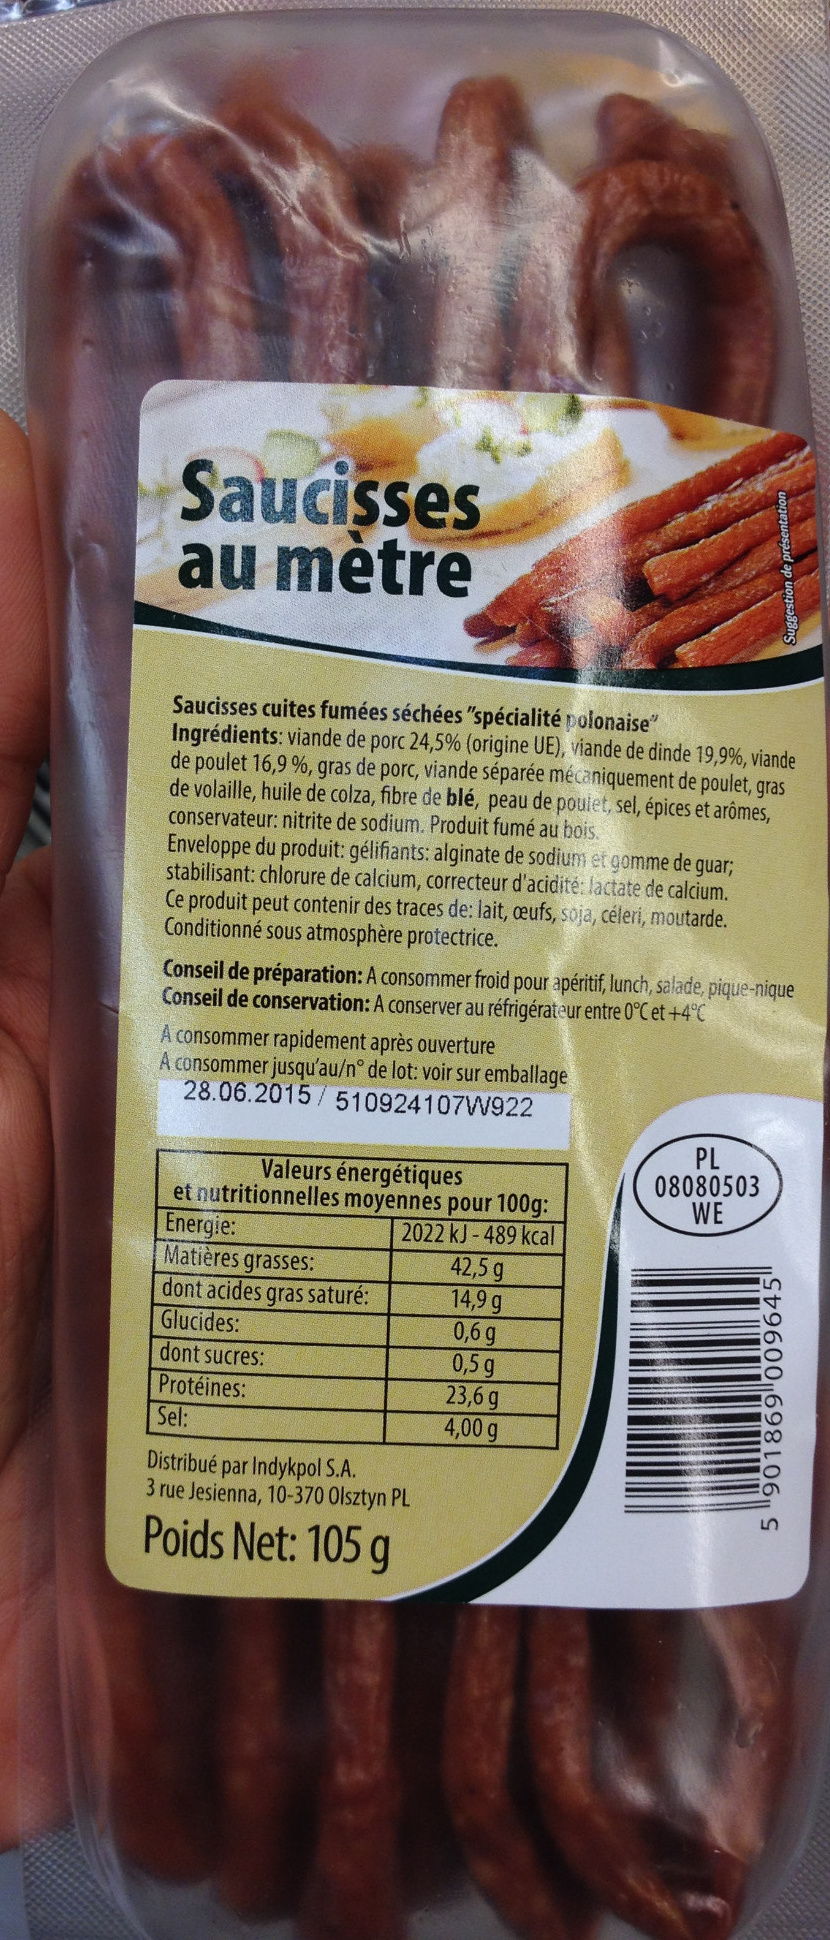 Saucisse au mètre - Product - fr